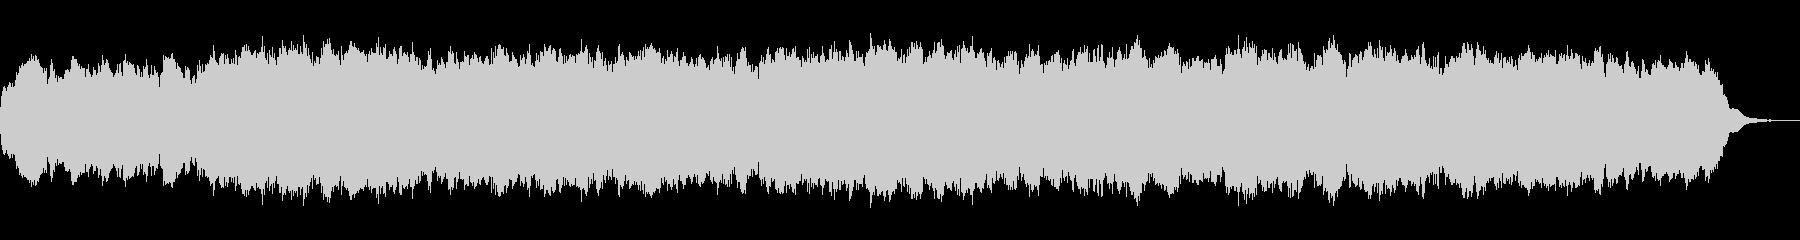 パイプオルガンのフーガ No.10の未再生の波形